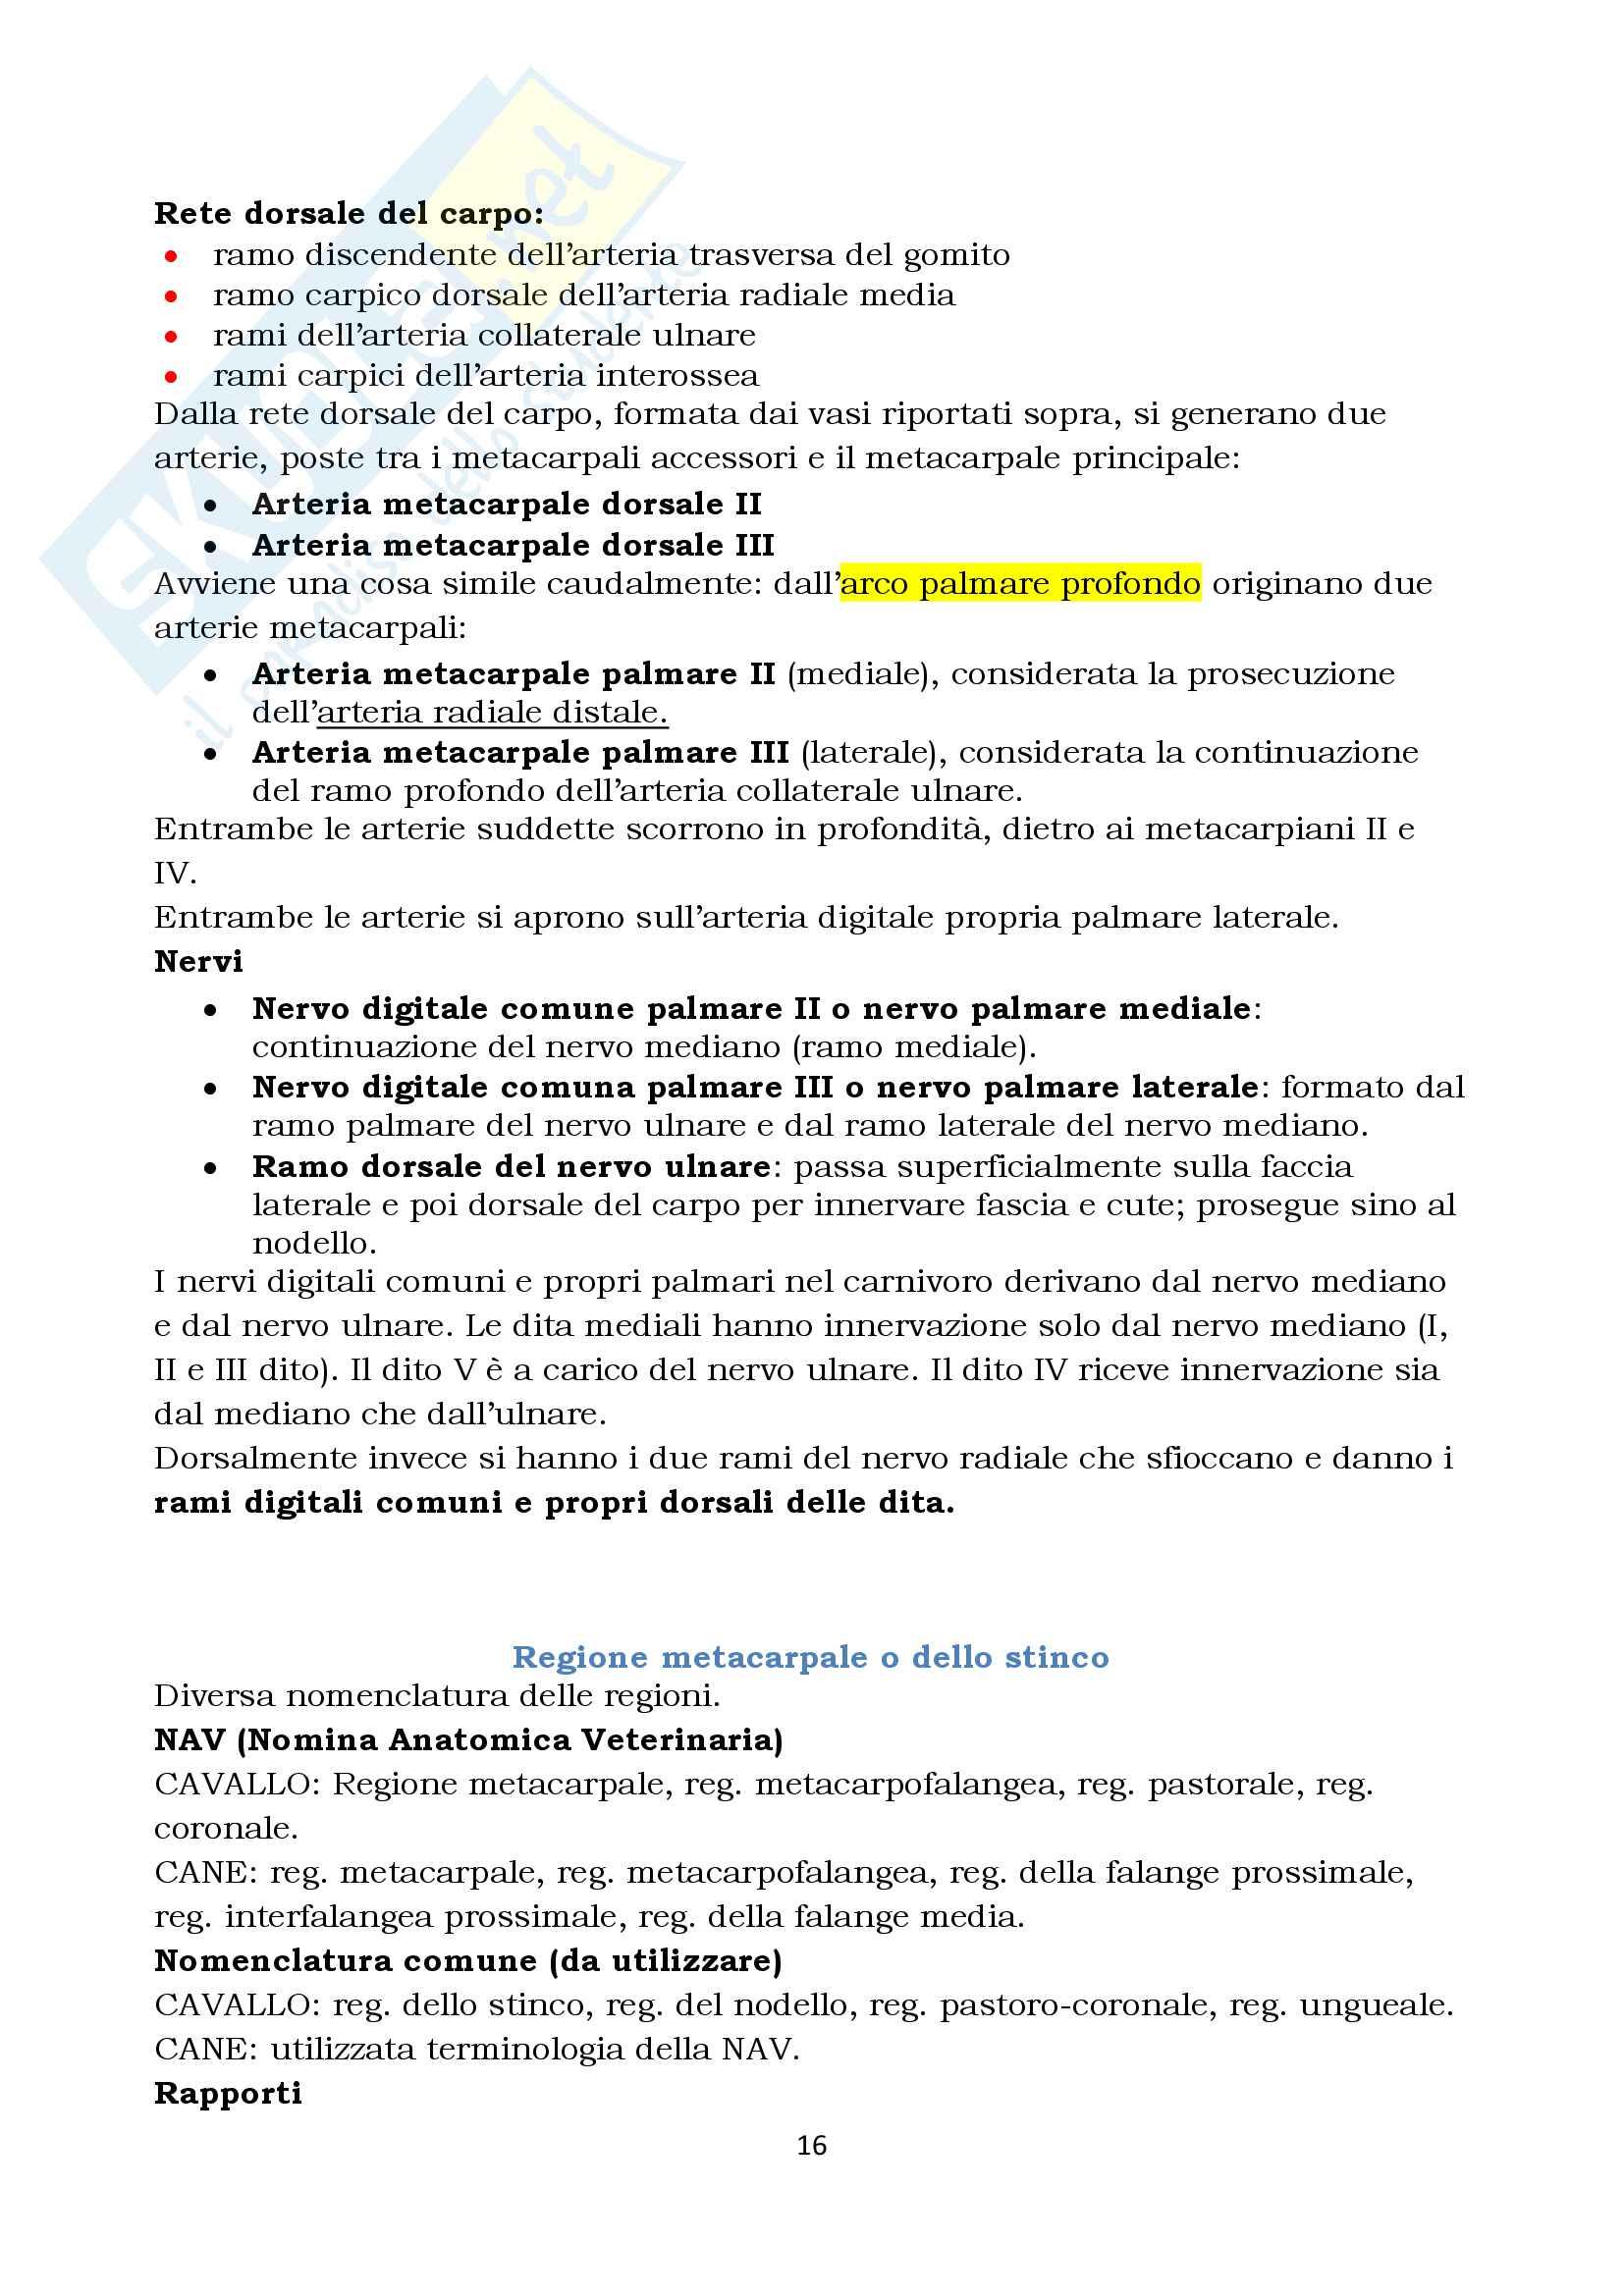 Anatomia Topografica Veterinaria - arto toracico e pelvico Pag. 16